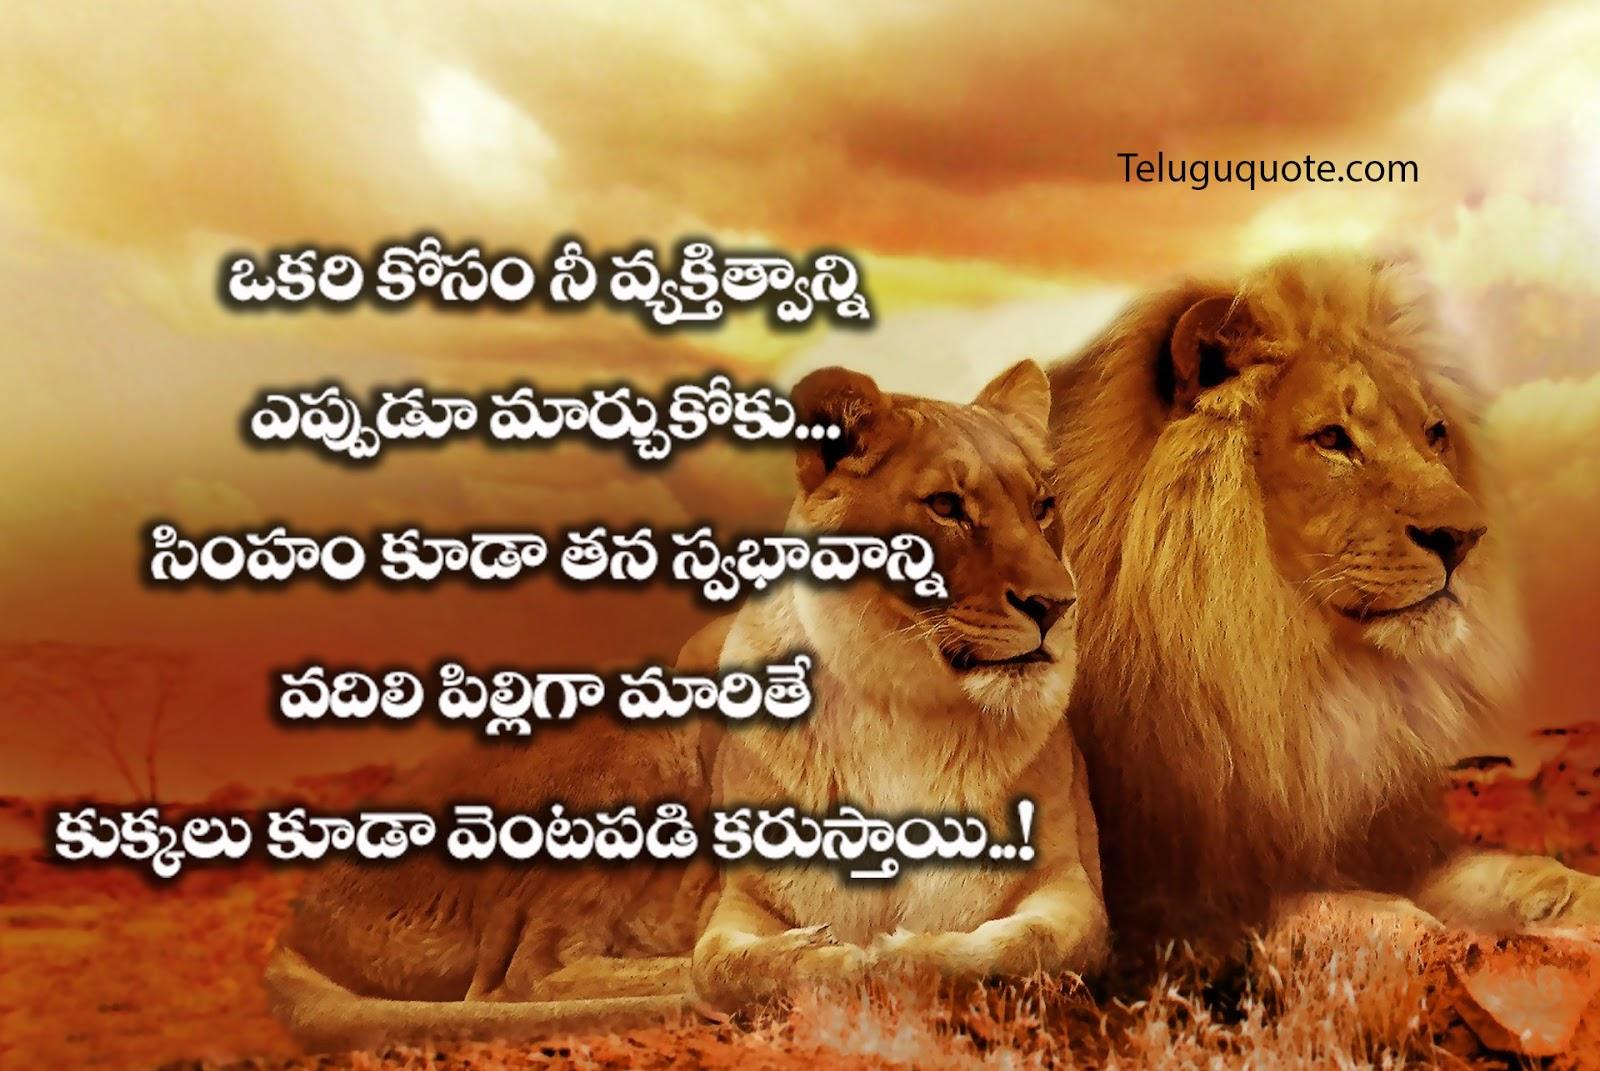 Motivational Quotes Telugu